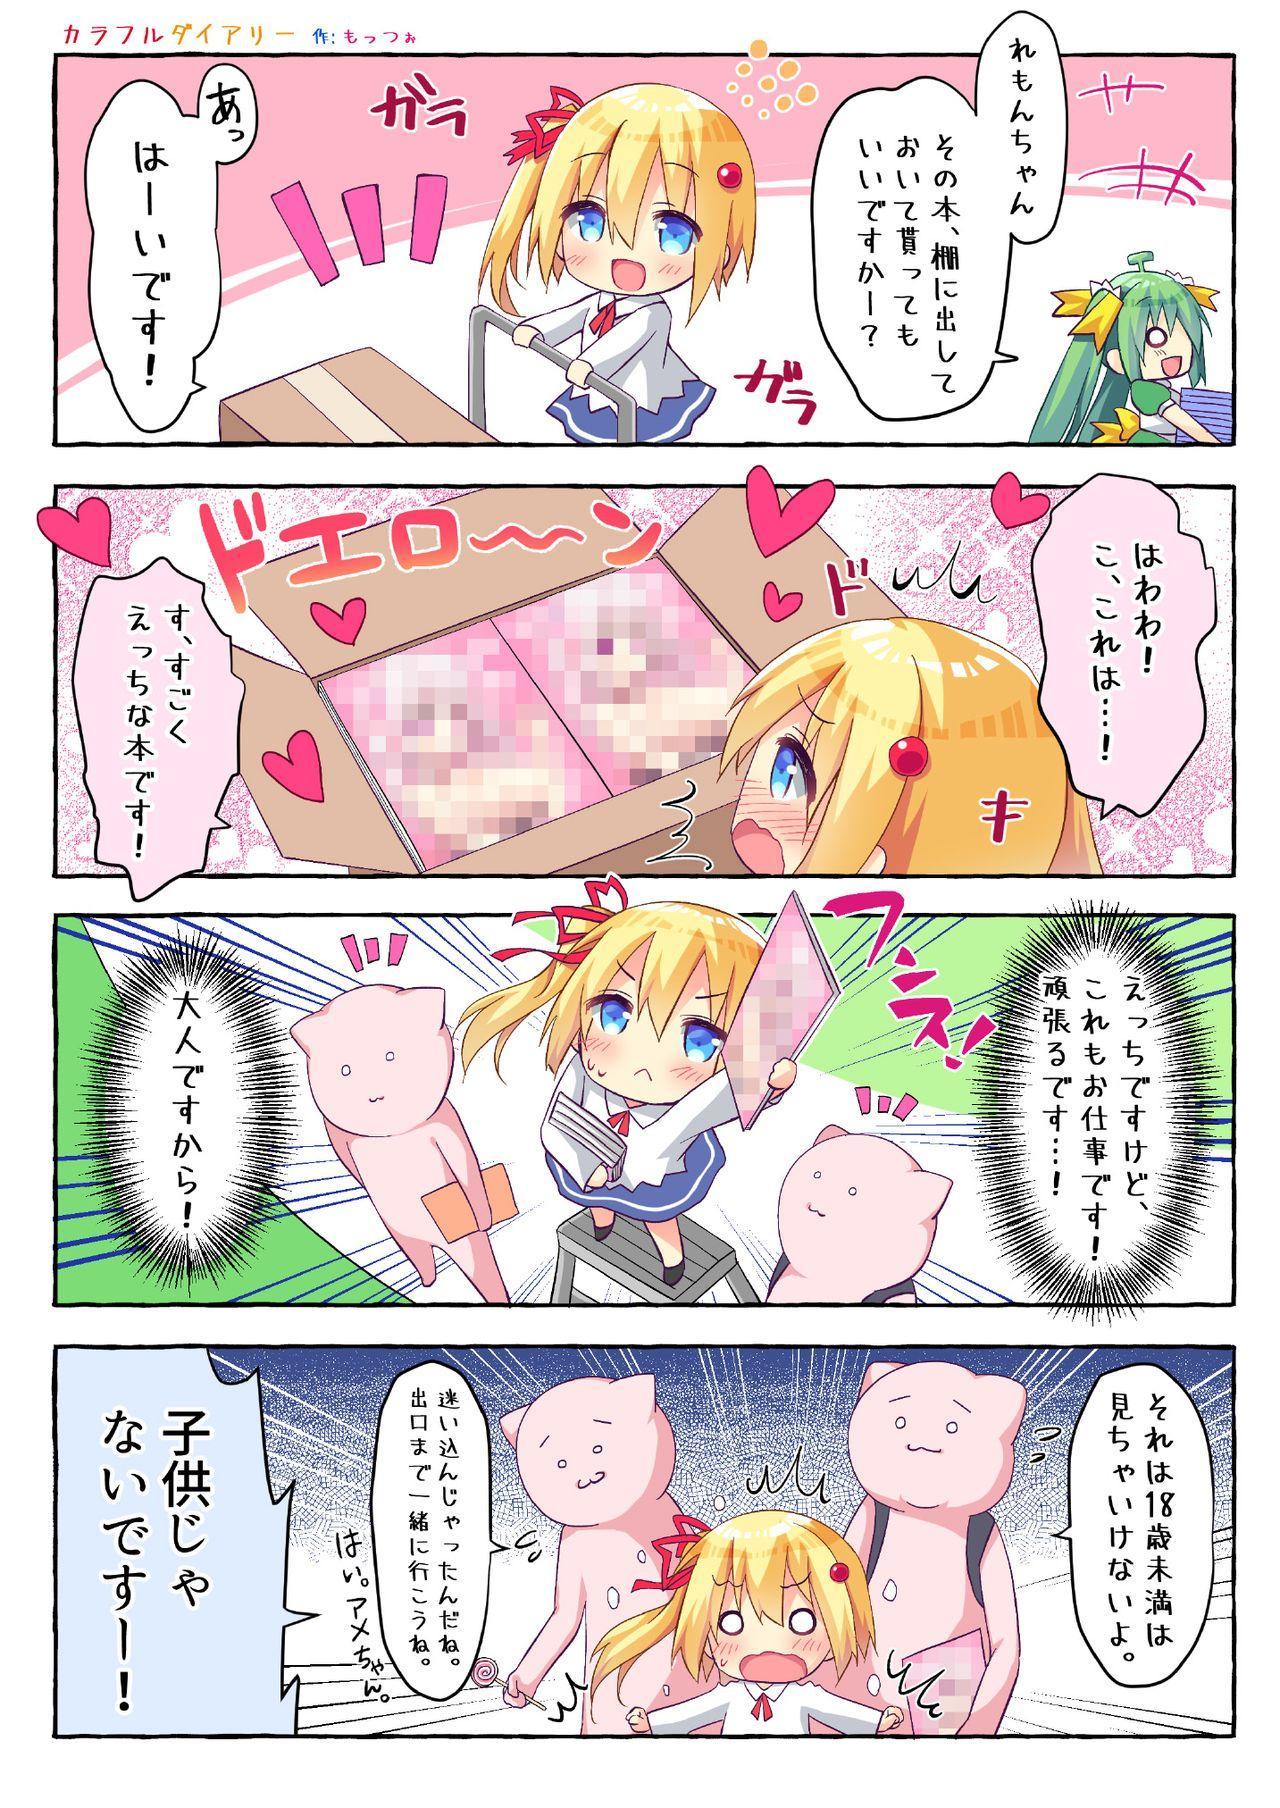 うりぼうざっか店 2020年4月3日発行号 46